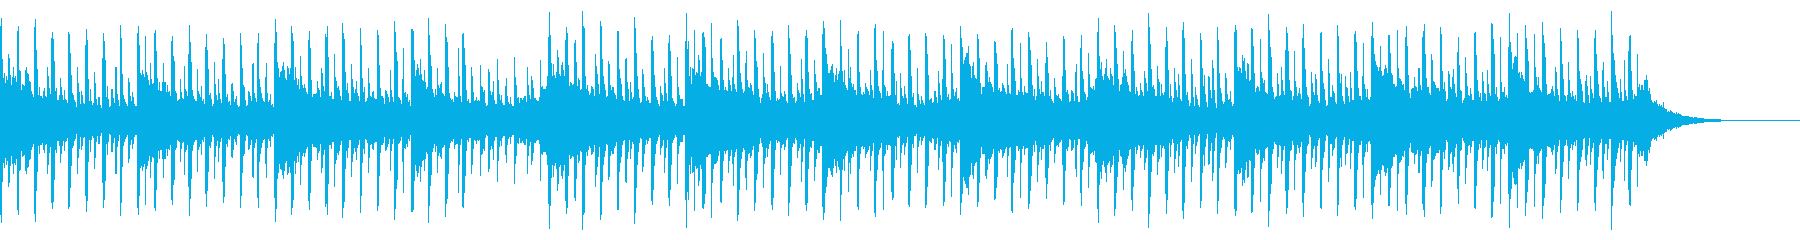 医療と科学(60秒)の再生済みの波形